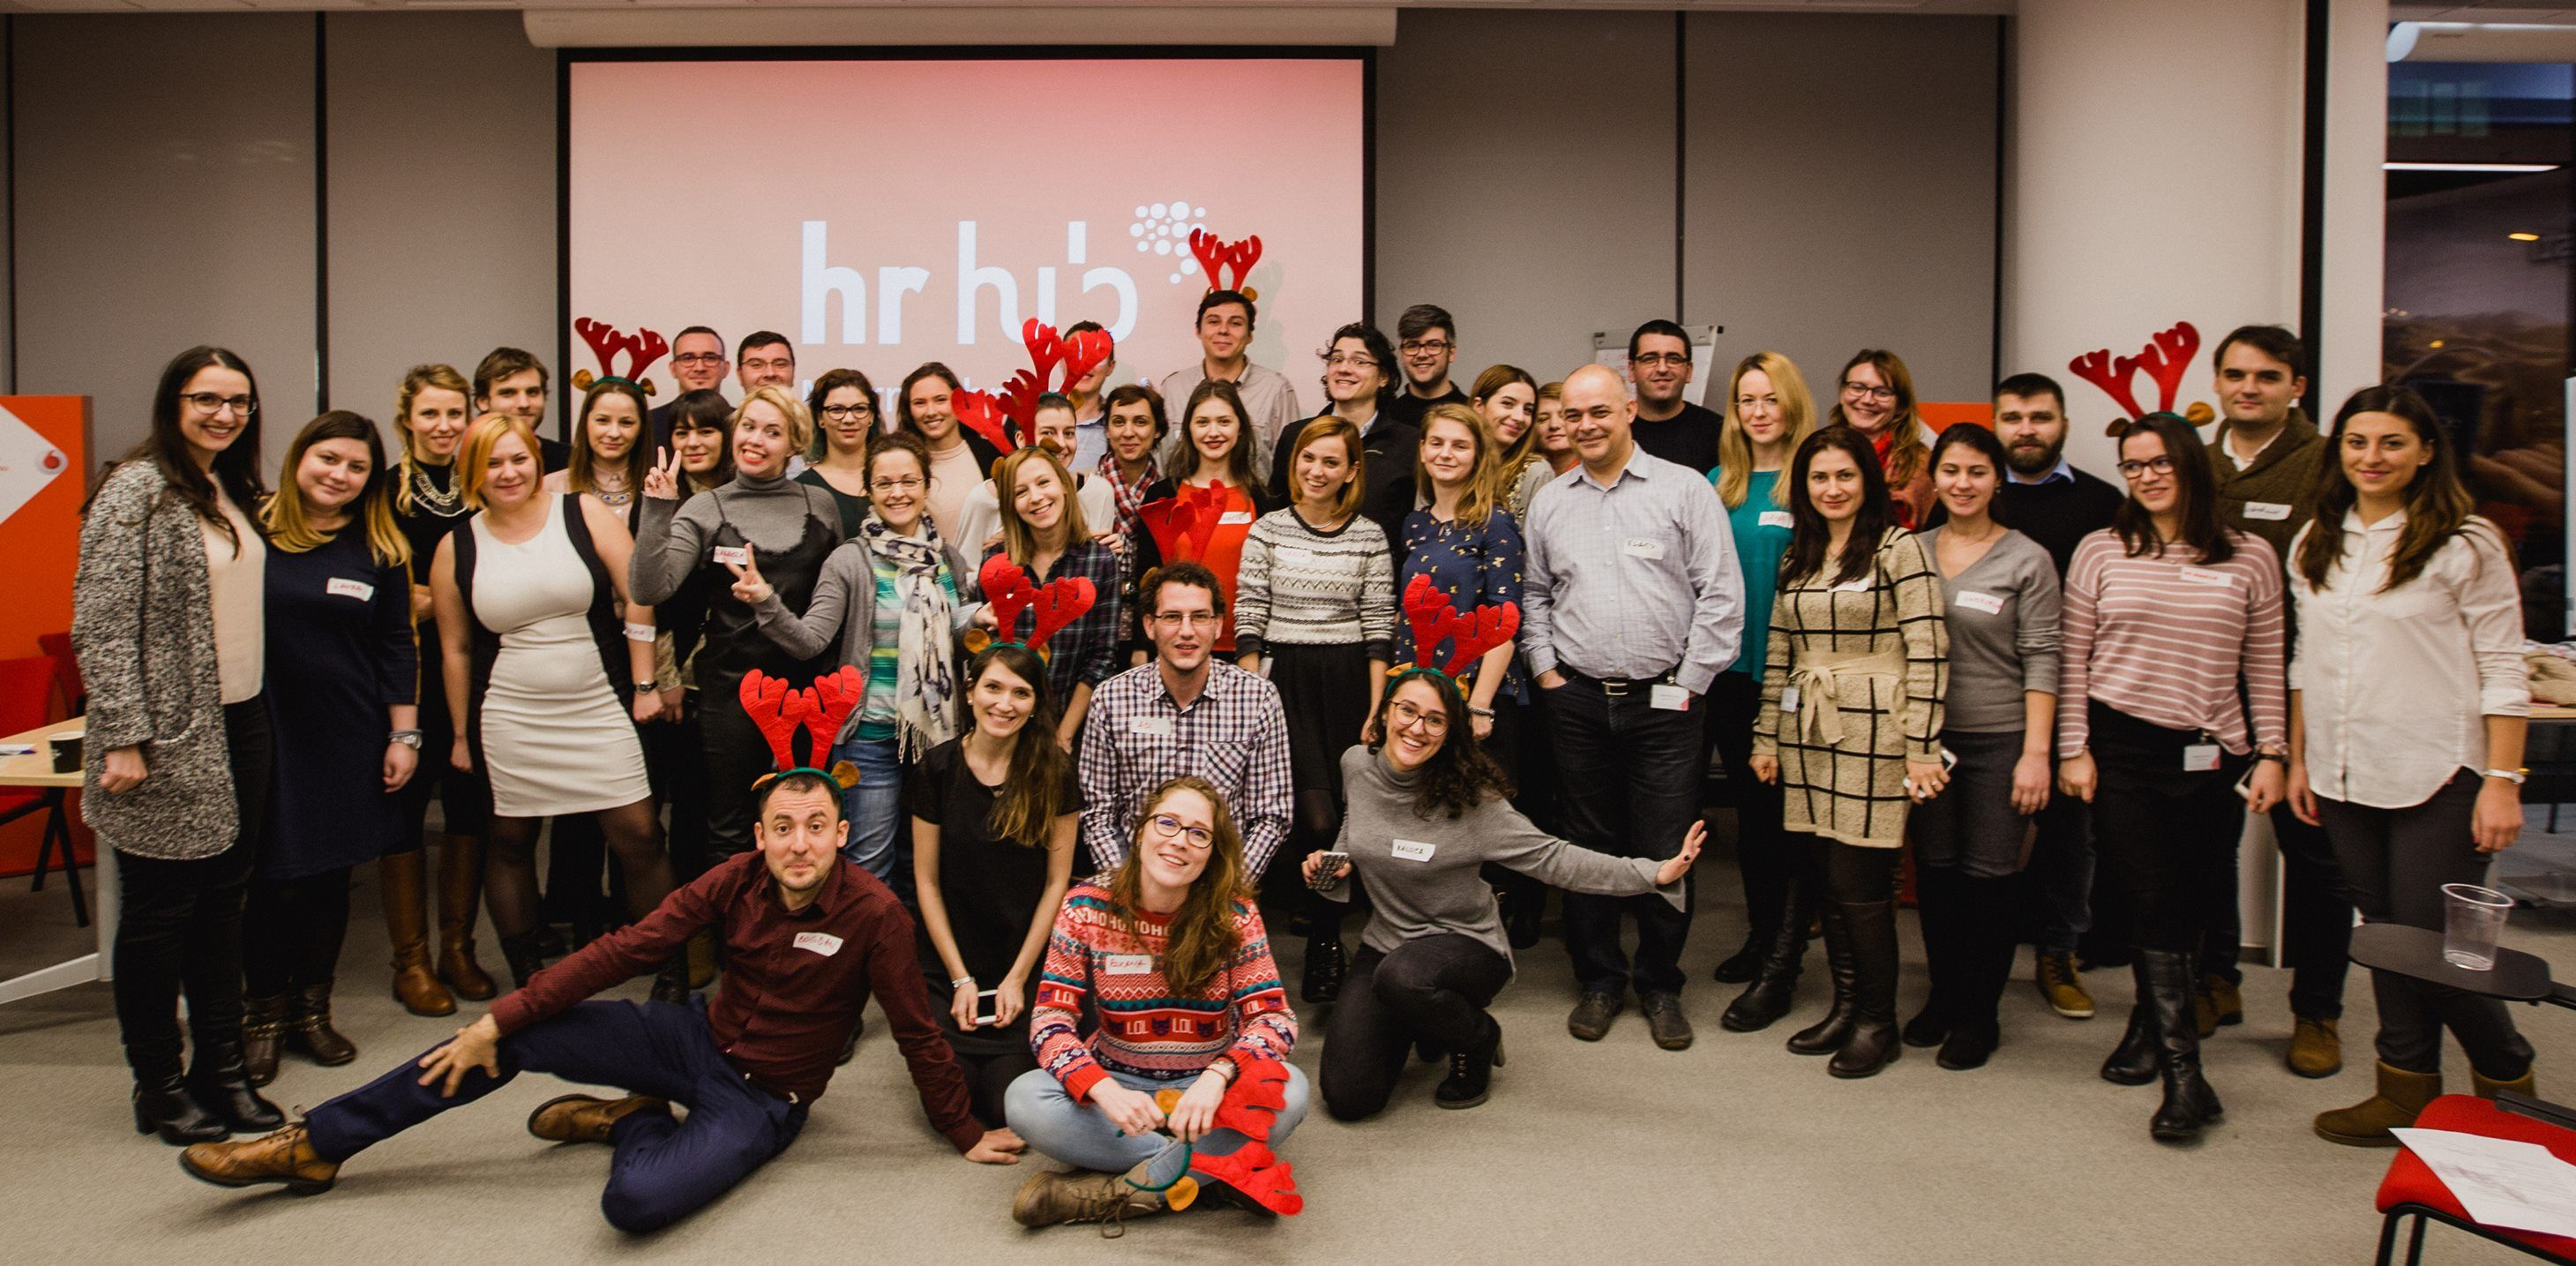 Poza cu o parte dintre componentii echipei HR Hub